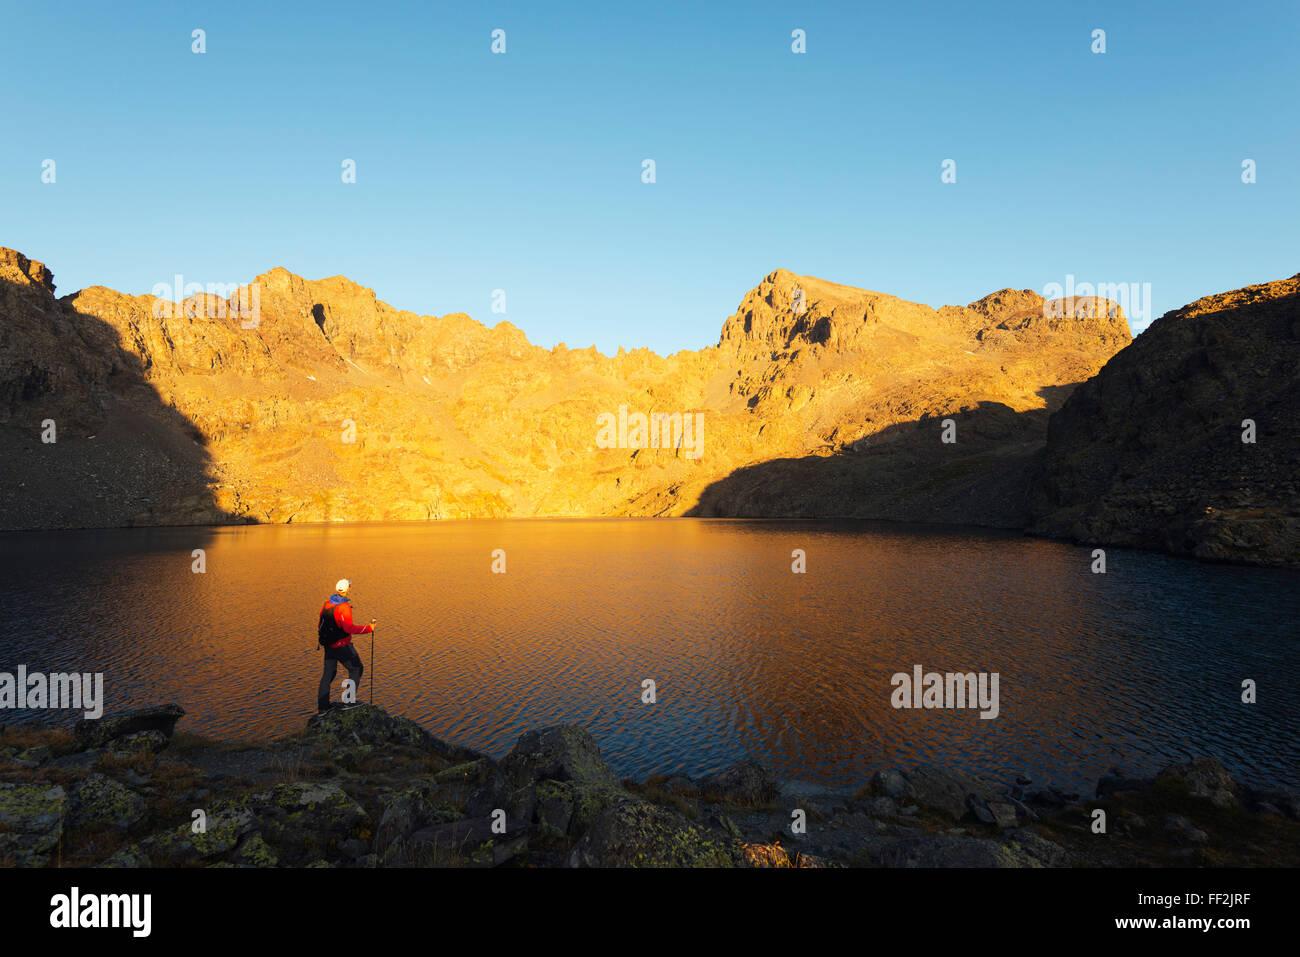 Kackar Mountains, Eastern AnatoRMia, Turkey, Asia Minor, Eurasia - Stock Image